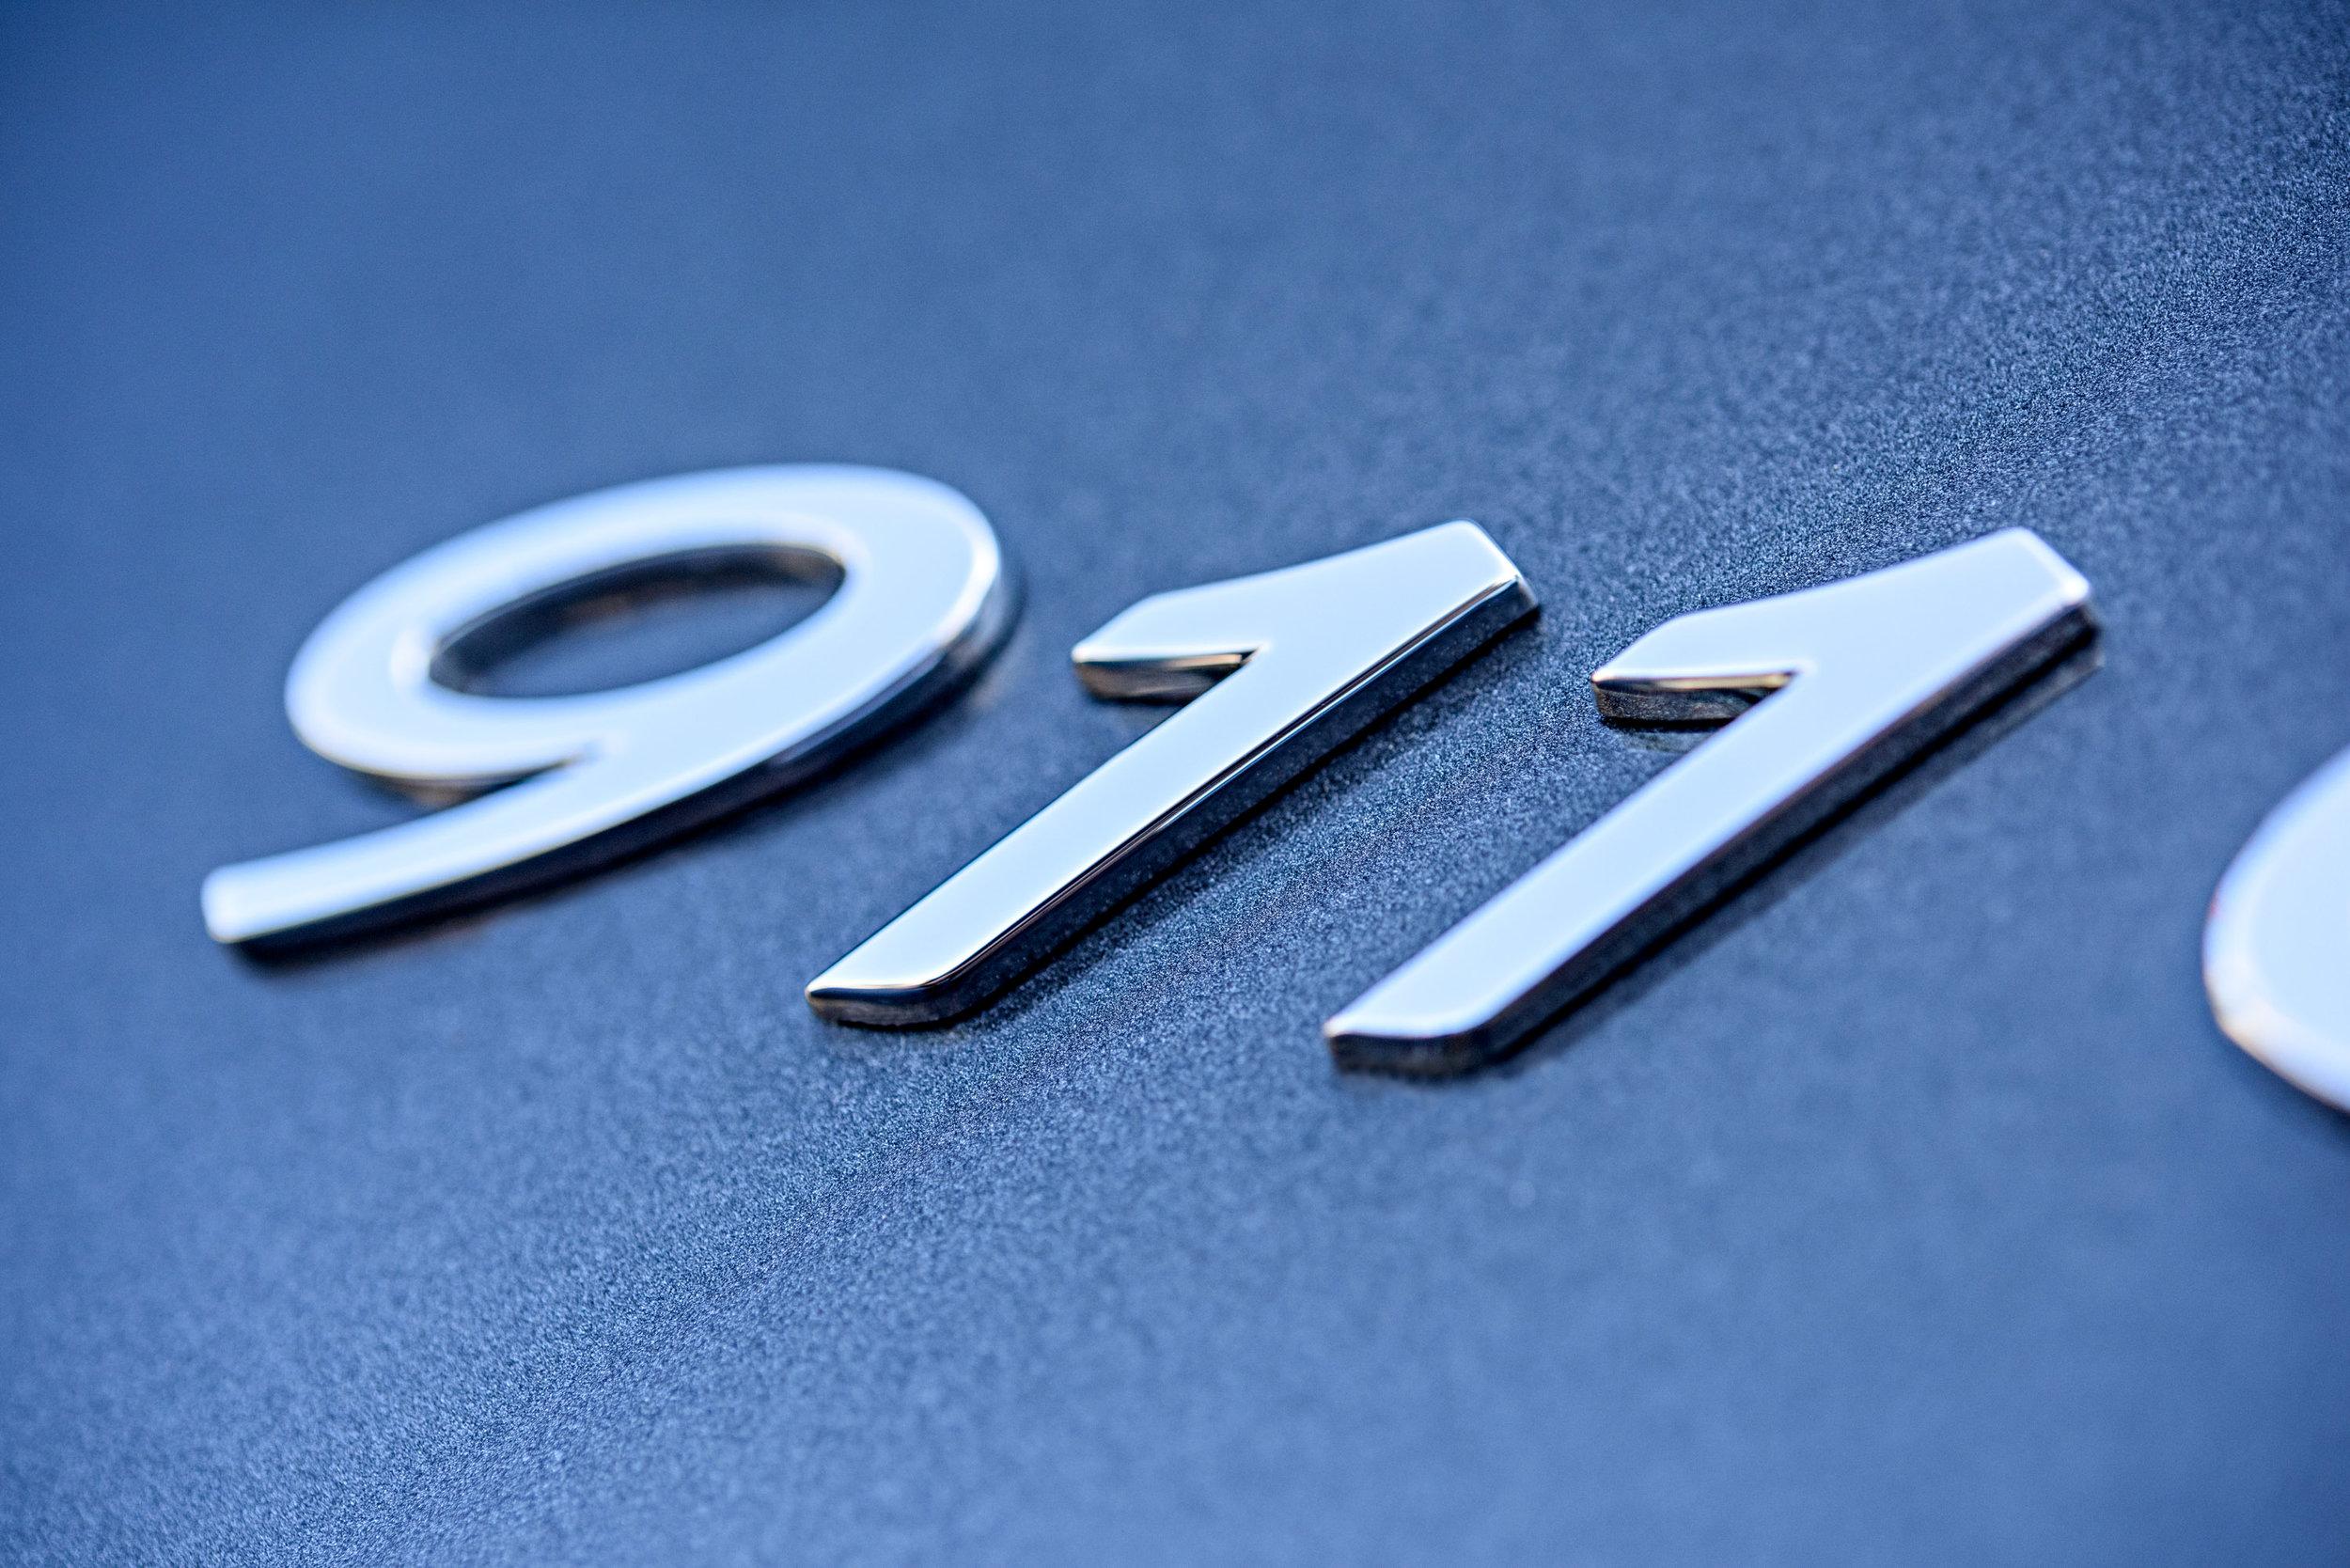 porsche 911 carrera s 2012 emblem by Jordan Reeder